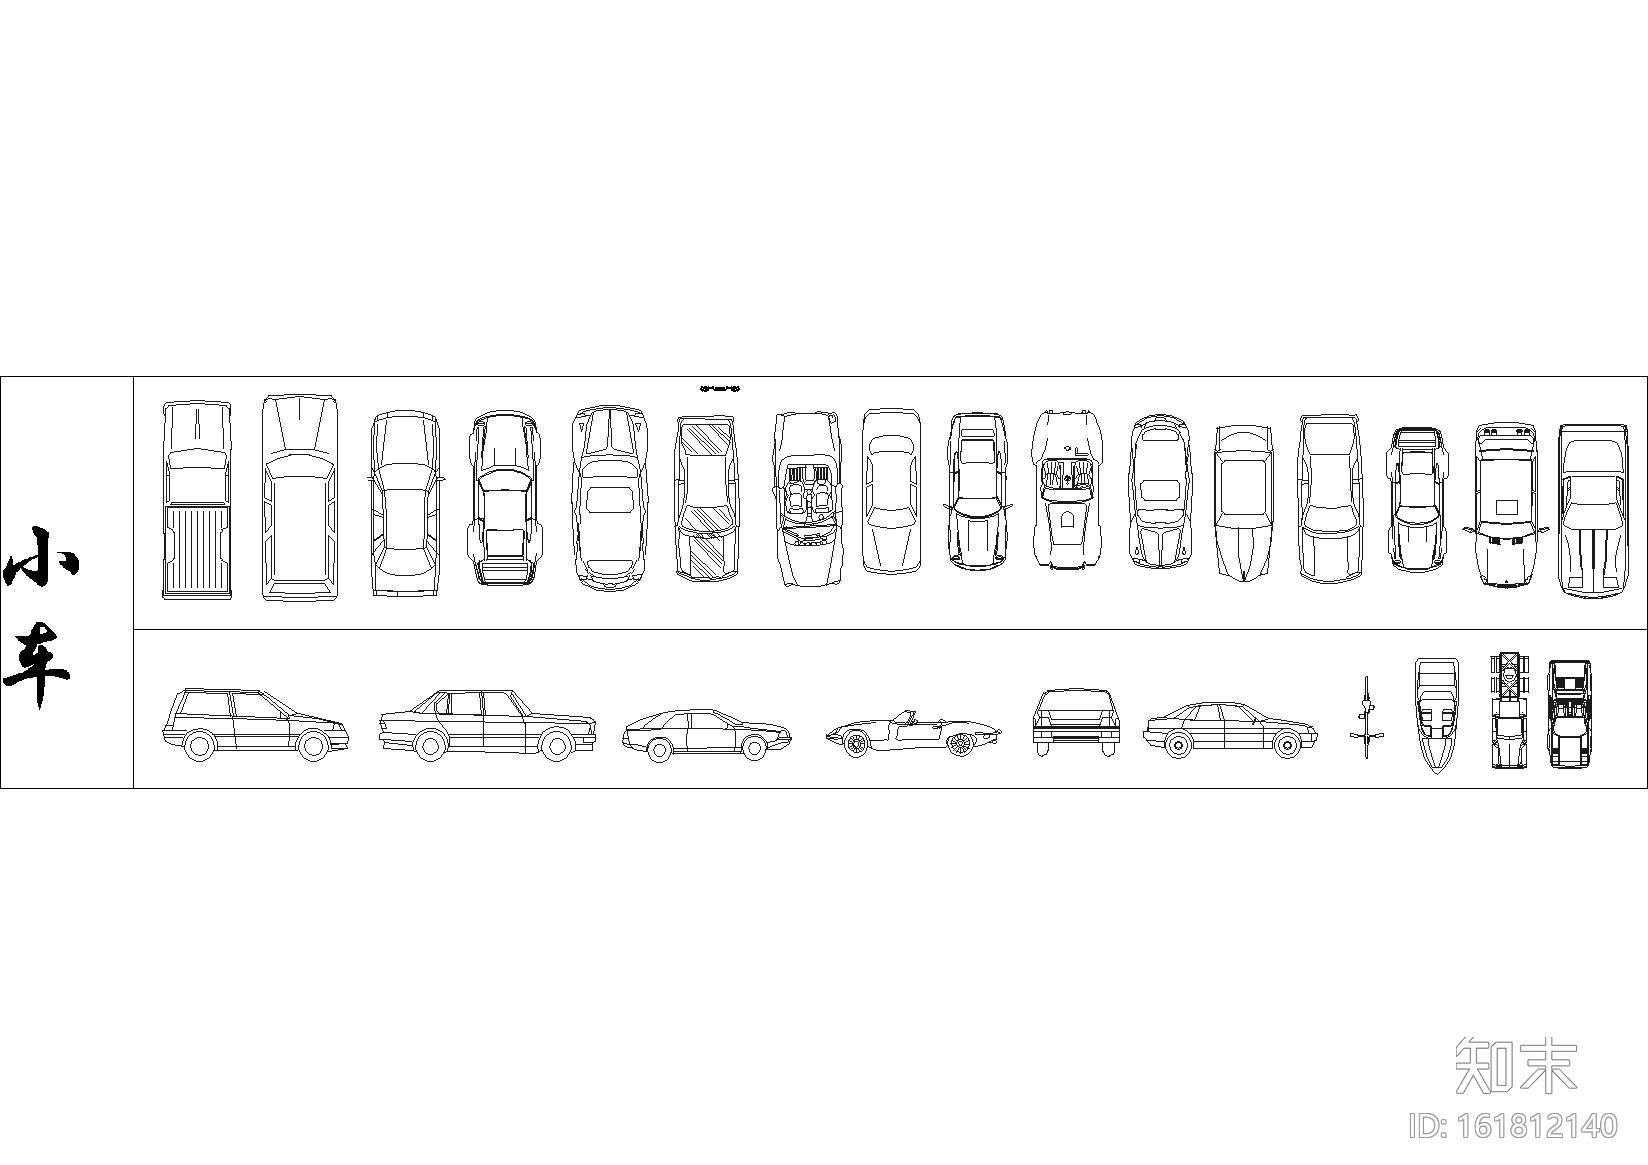 室内家具通用图库(材料表,灯具,楼梯等)施工图下载【ID:161812140】